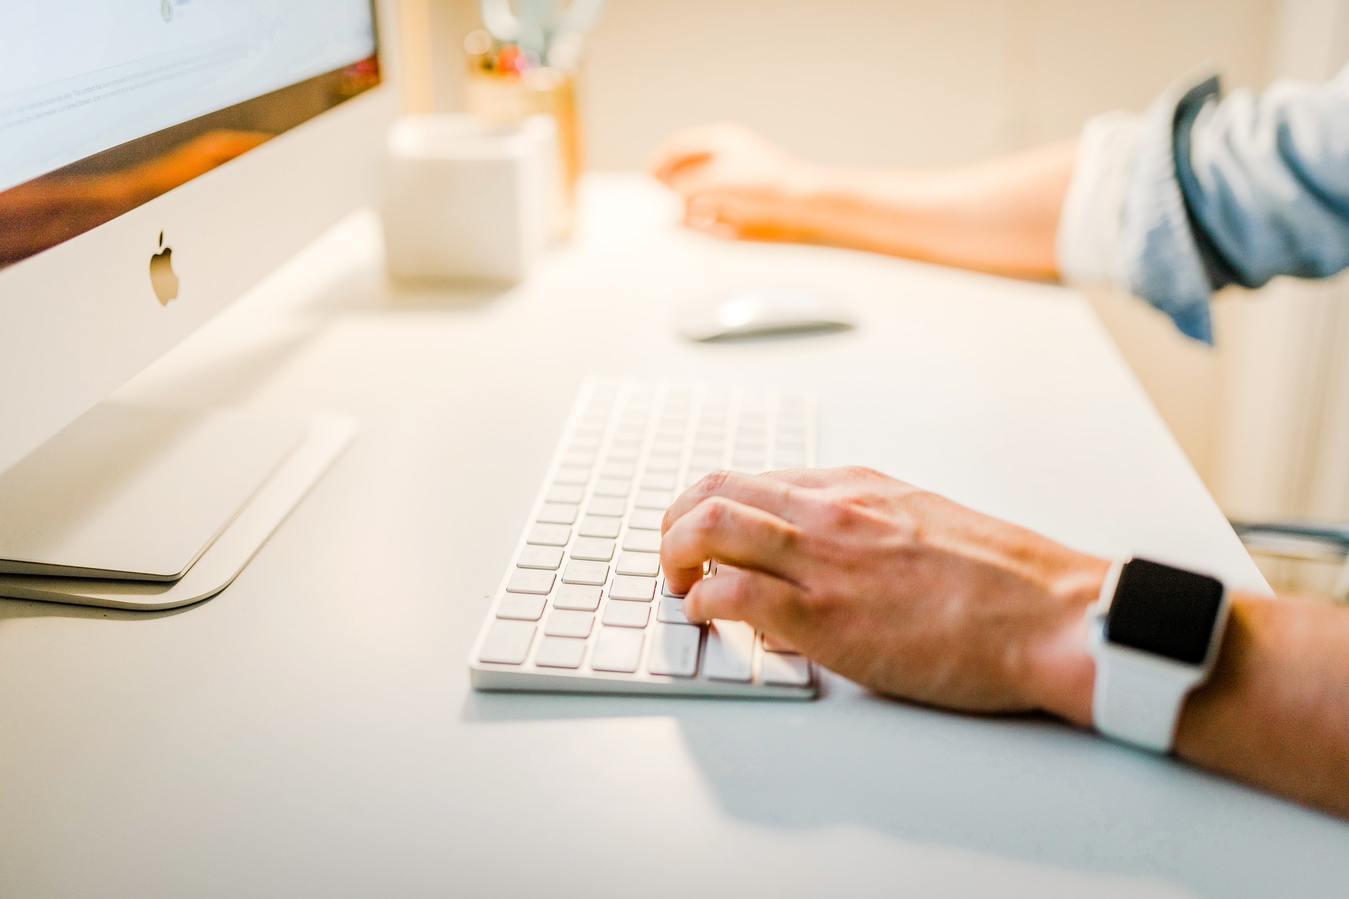 hombre trabajando en computador de escritorio